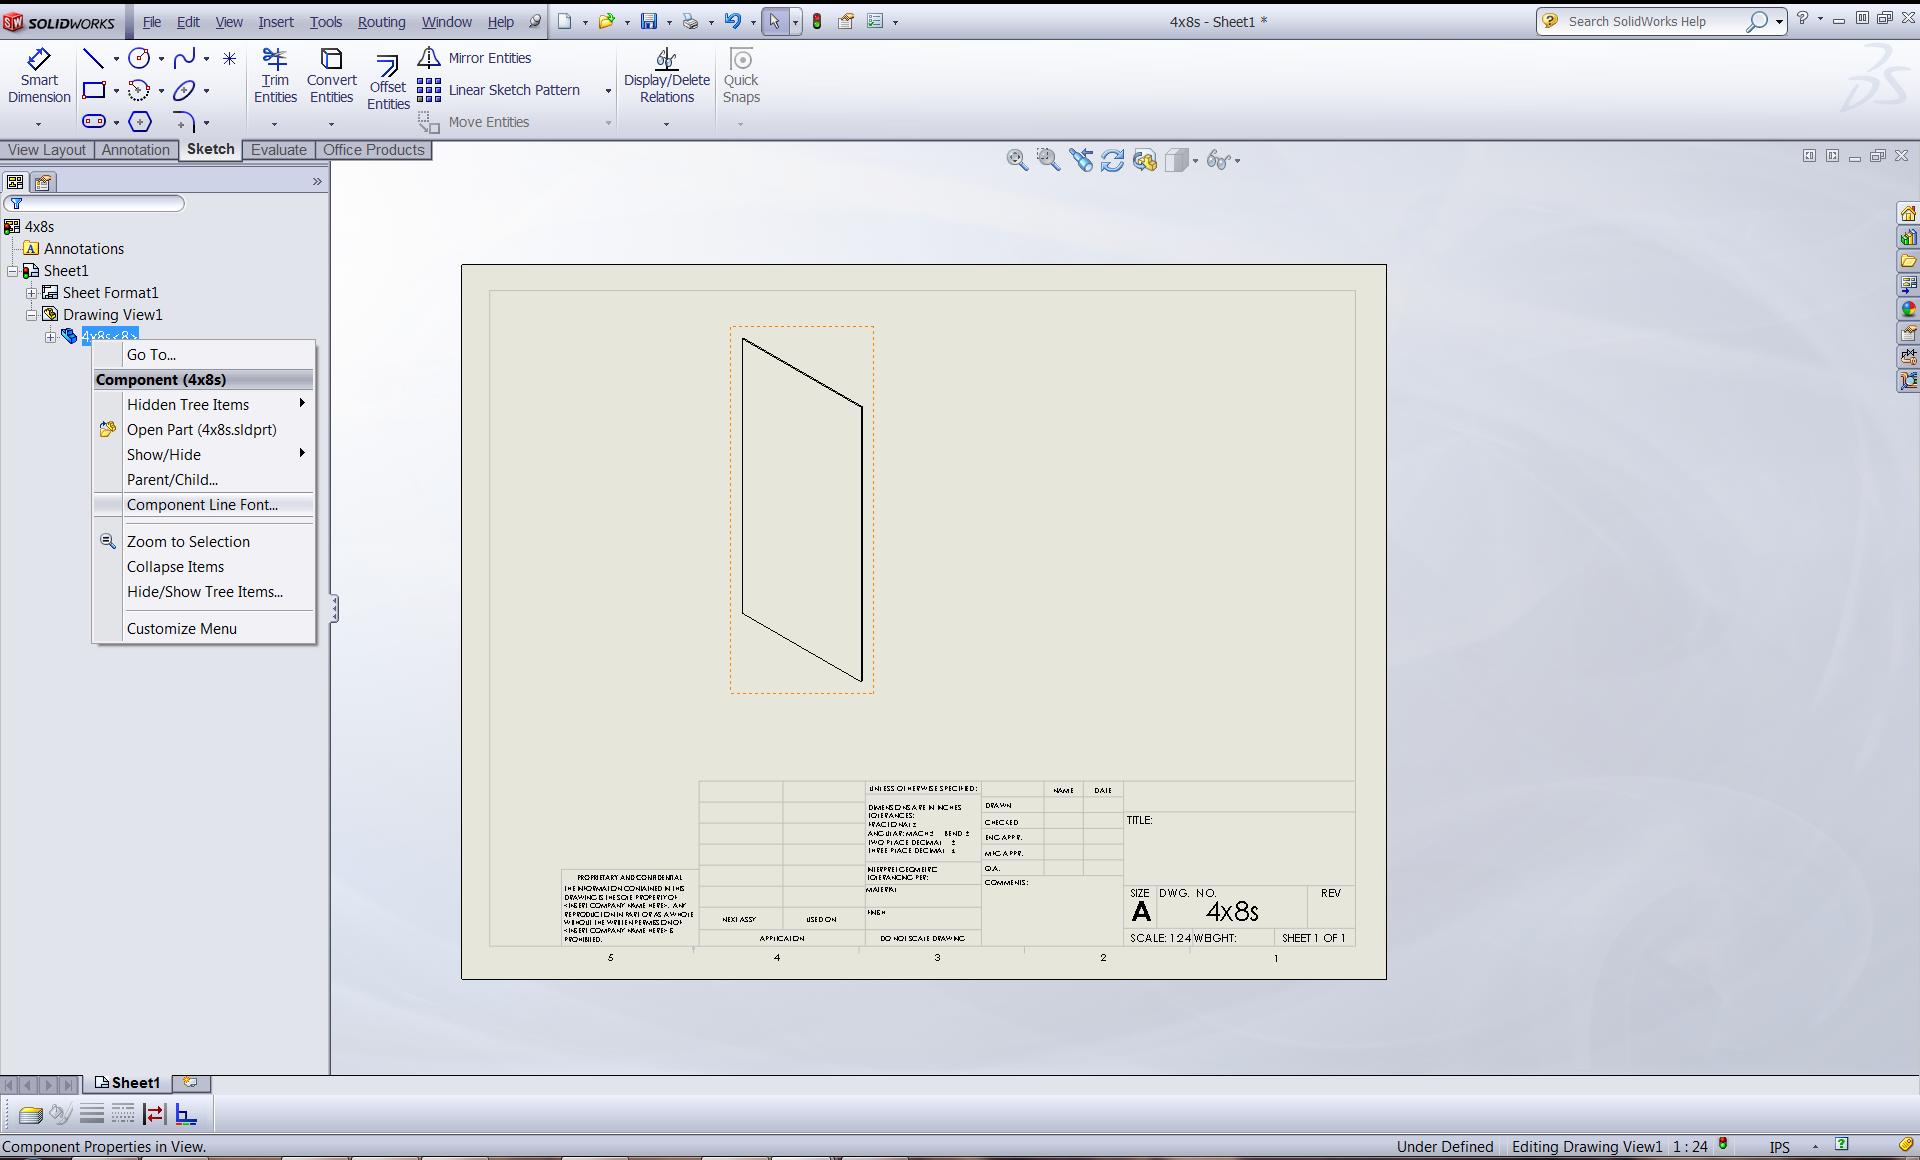 Component line font1